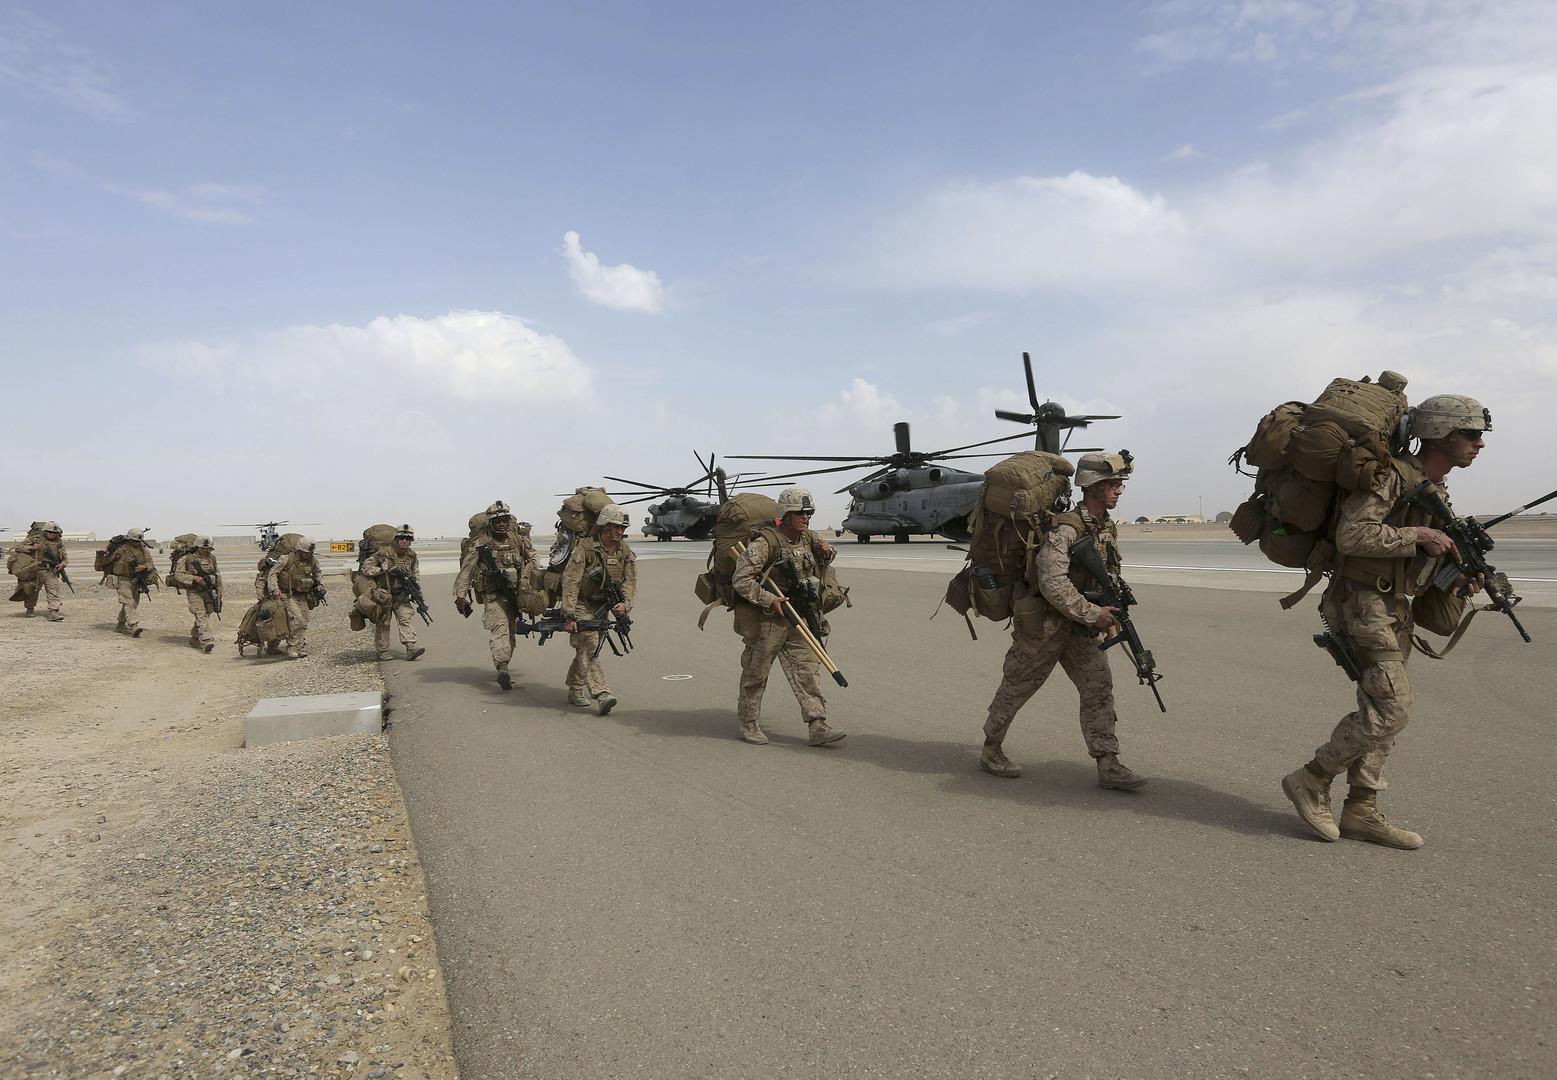 مشاة البحرية الأمريكية سيرابطون في أفغانستان - RT Arabic